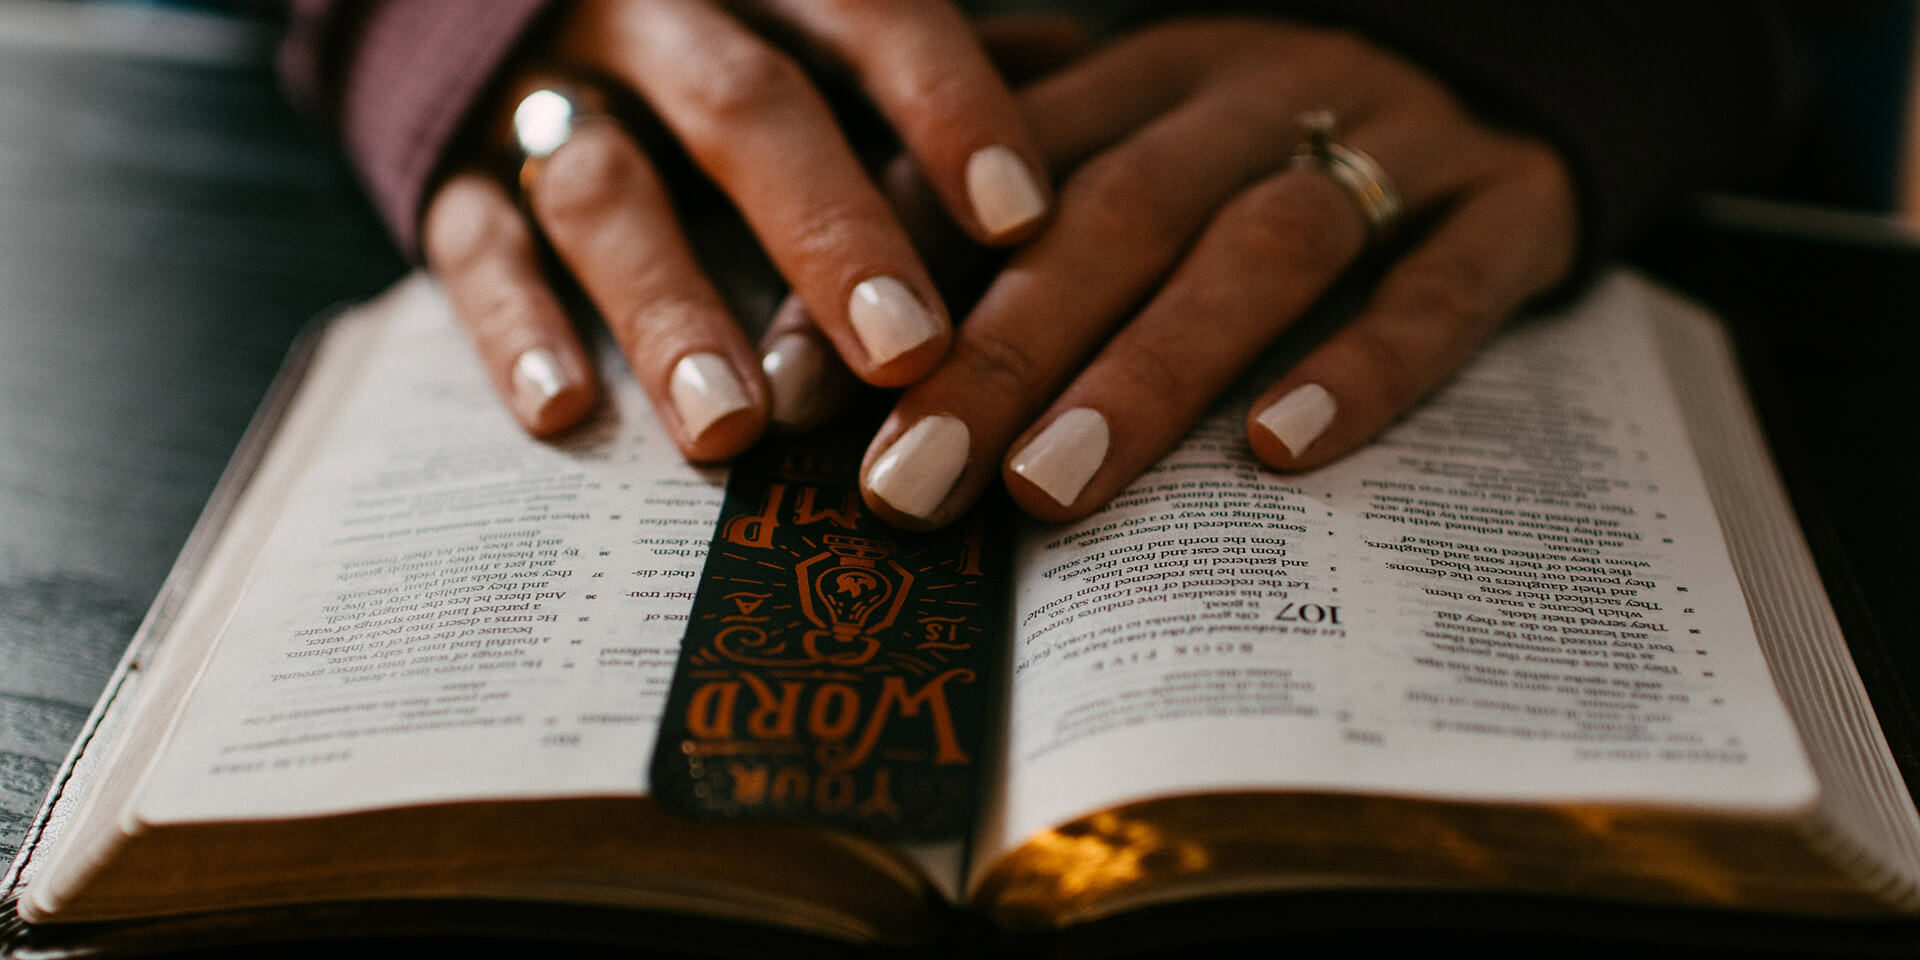 weibliche Hand auf dem Buch der Psalmen